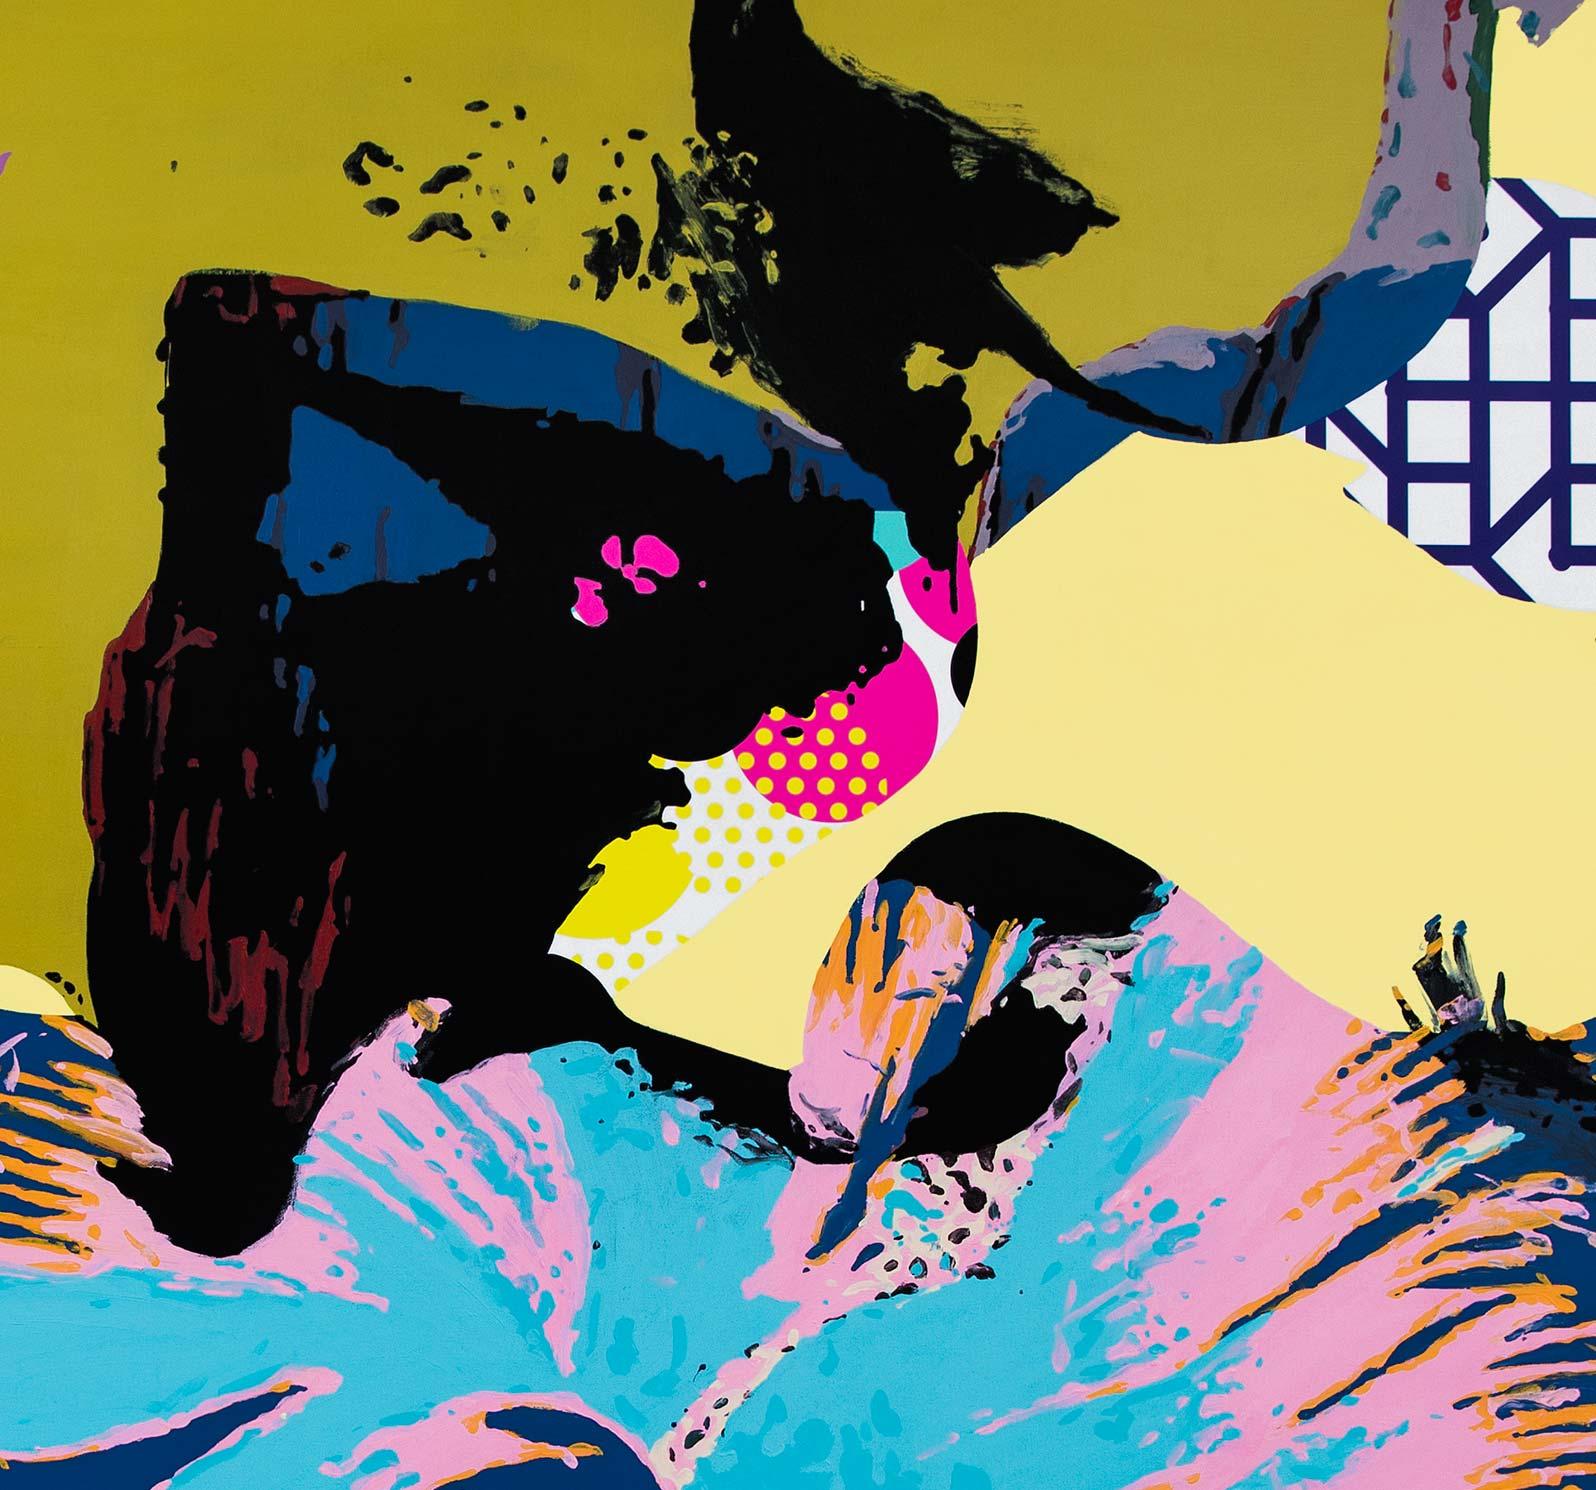 Anca Stefanescu | Contemporary Creative Painter, Echo